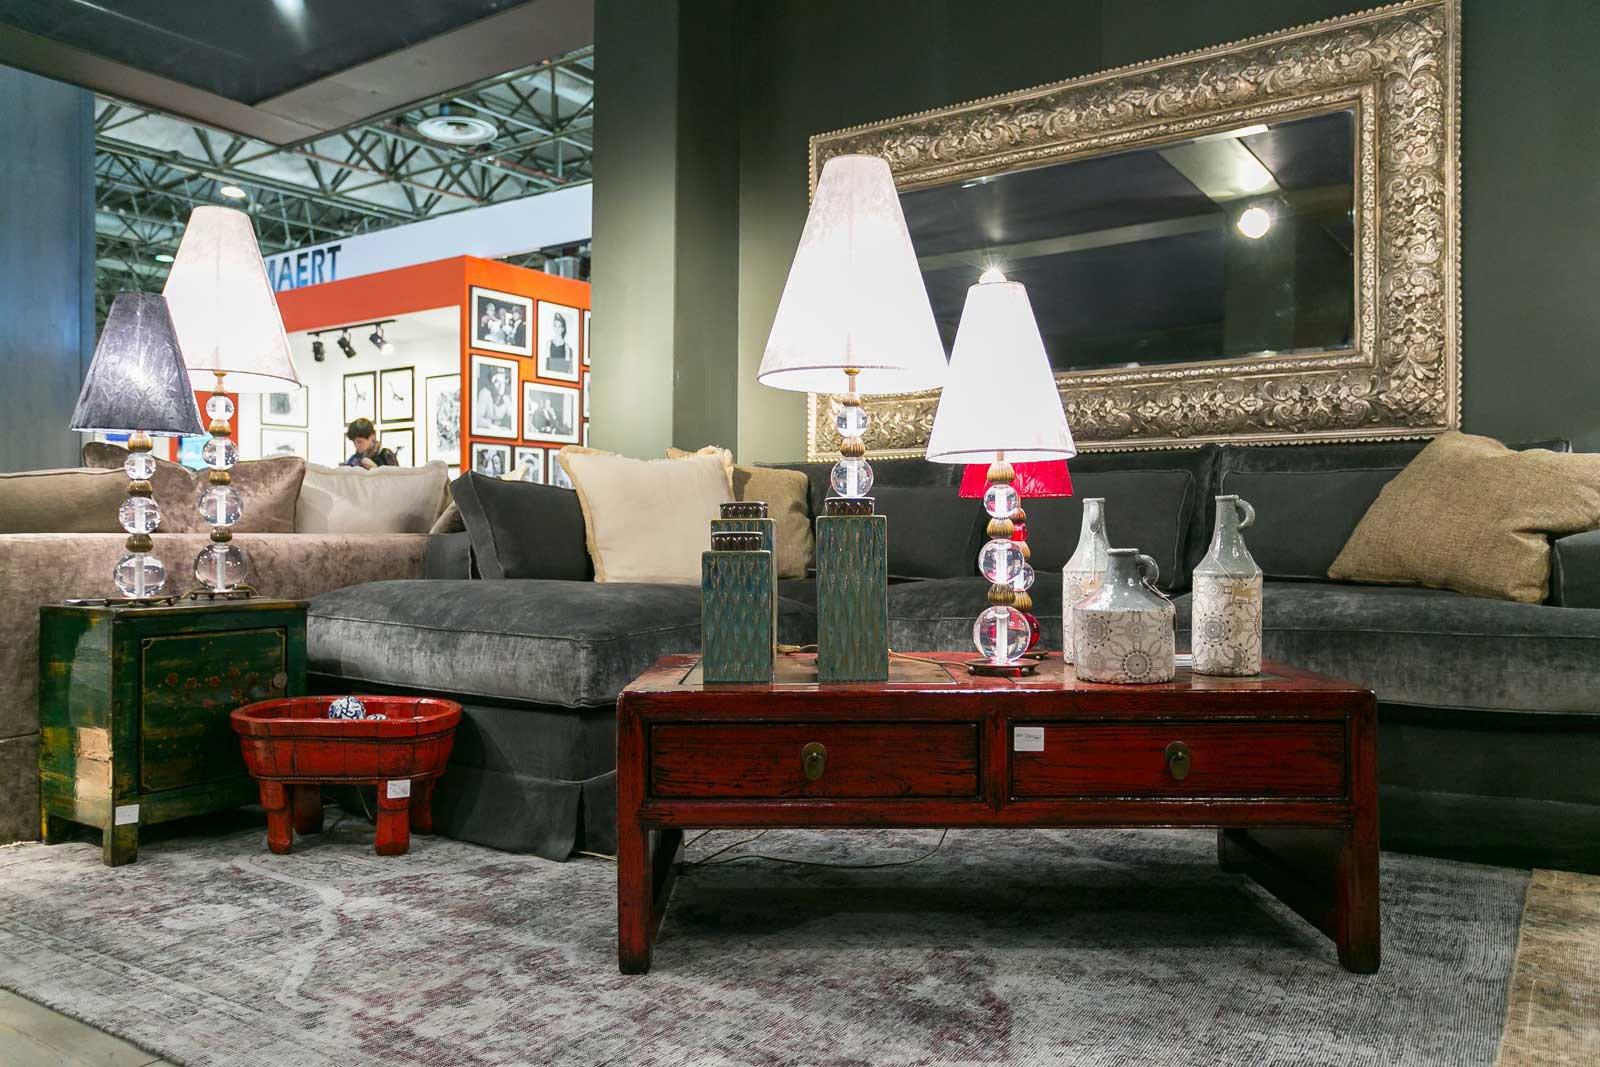 Confalone arredi di qualit made in italy cose di casa for Immagini mobili